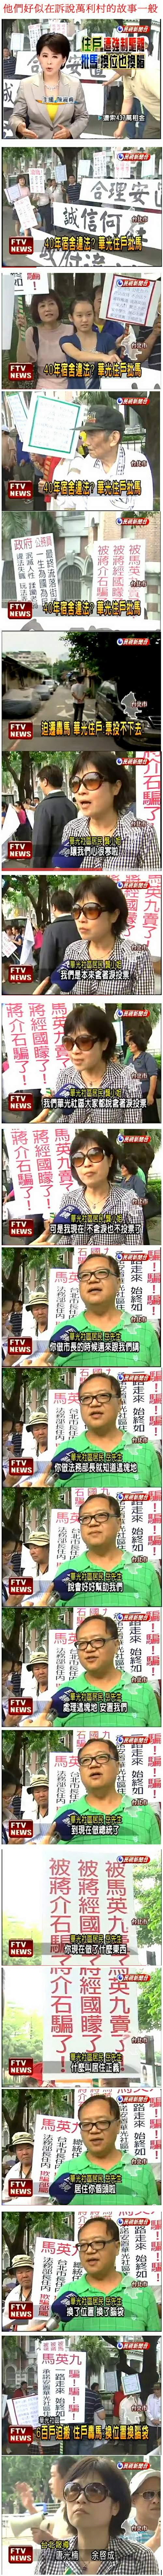 40年宿舍違法? 華光住戶批馬-民視新聞-2011.04.29-00.jpg